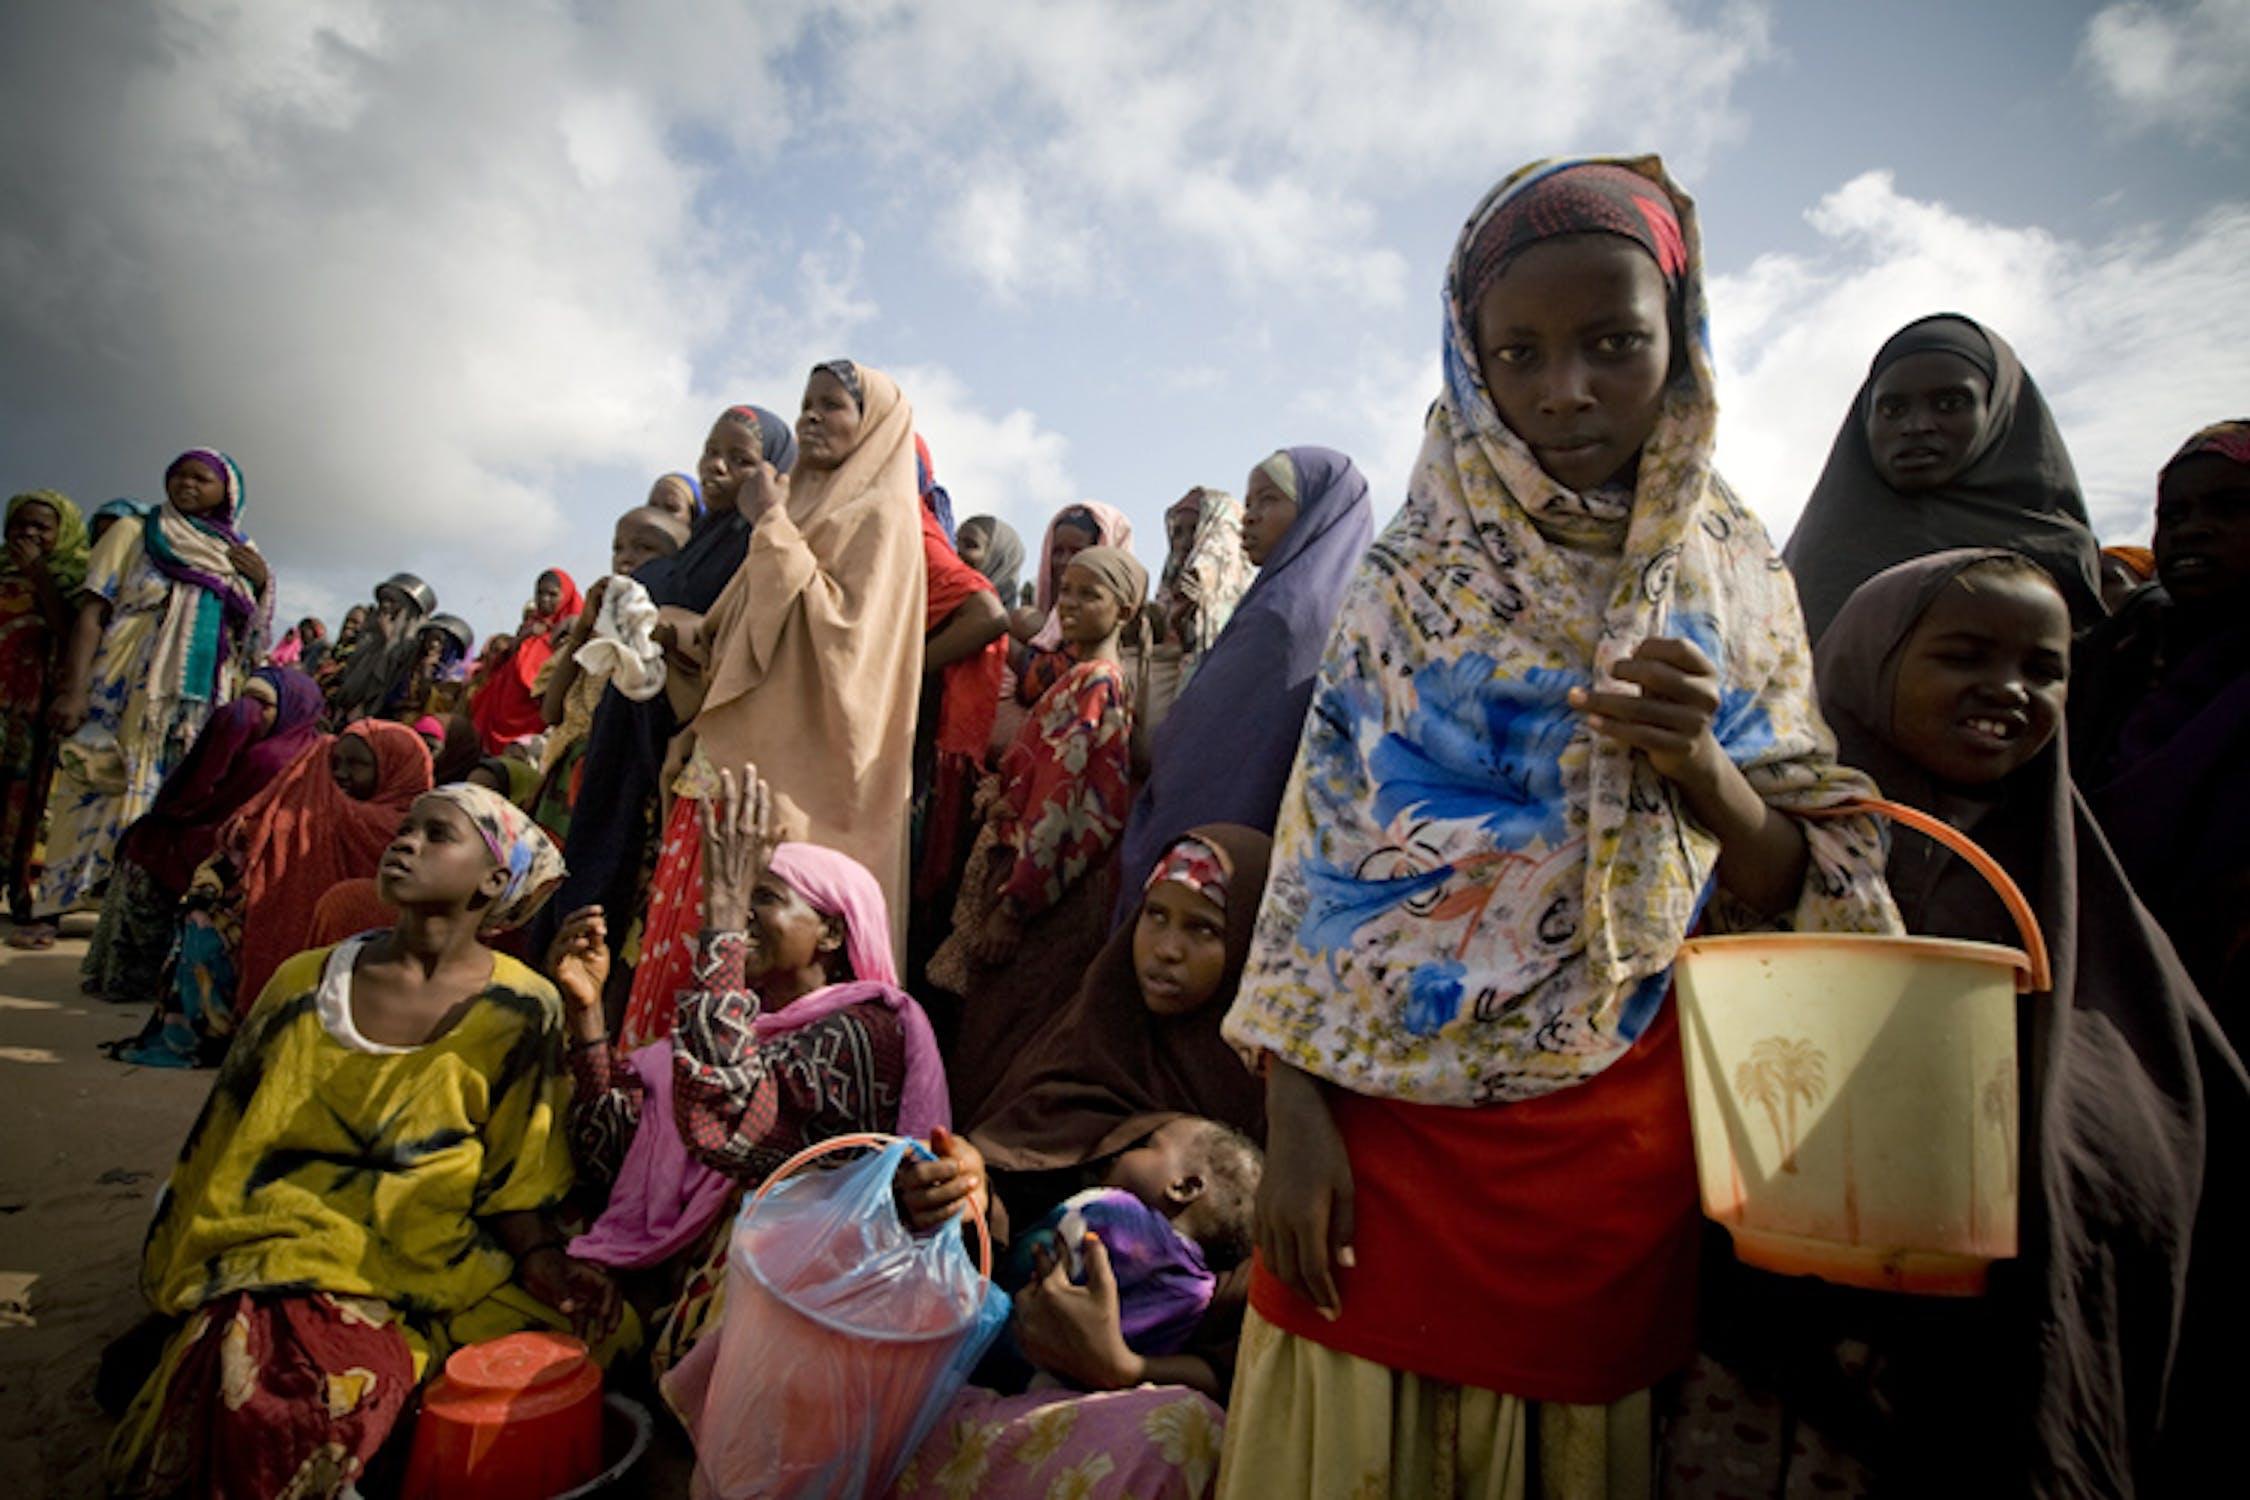 Donne e bambini in un campo per sfollati a Mogadiscio, capitale della Somalia. La crisi alimentare nel Corno d'Africa assorbe un terzo dei fondi previsti dal rapporto UNICEF sulle emergenze per il 2012 - ©UNICEF/NYHQ2011-1182/Holt